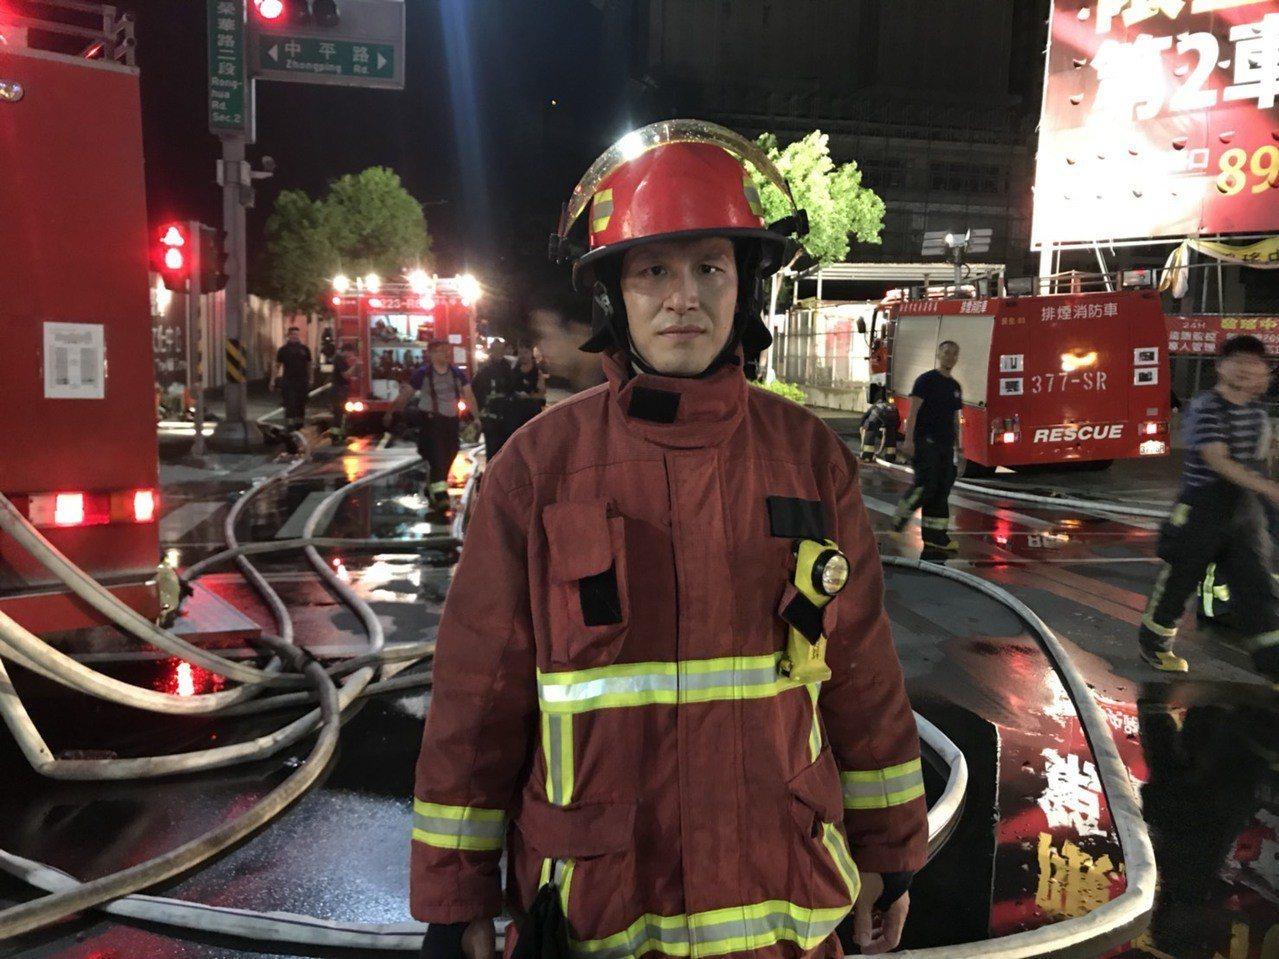 新北市消防局第二大隊副大隊長林世明昨晚率員衝入火場。記者袁志豪/攝影